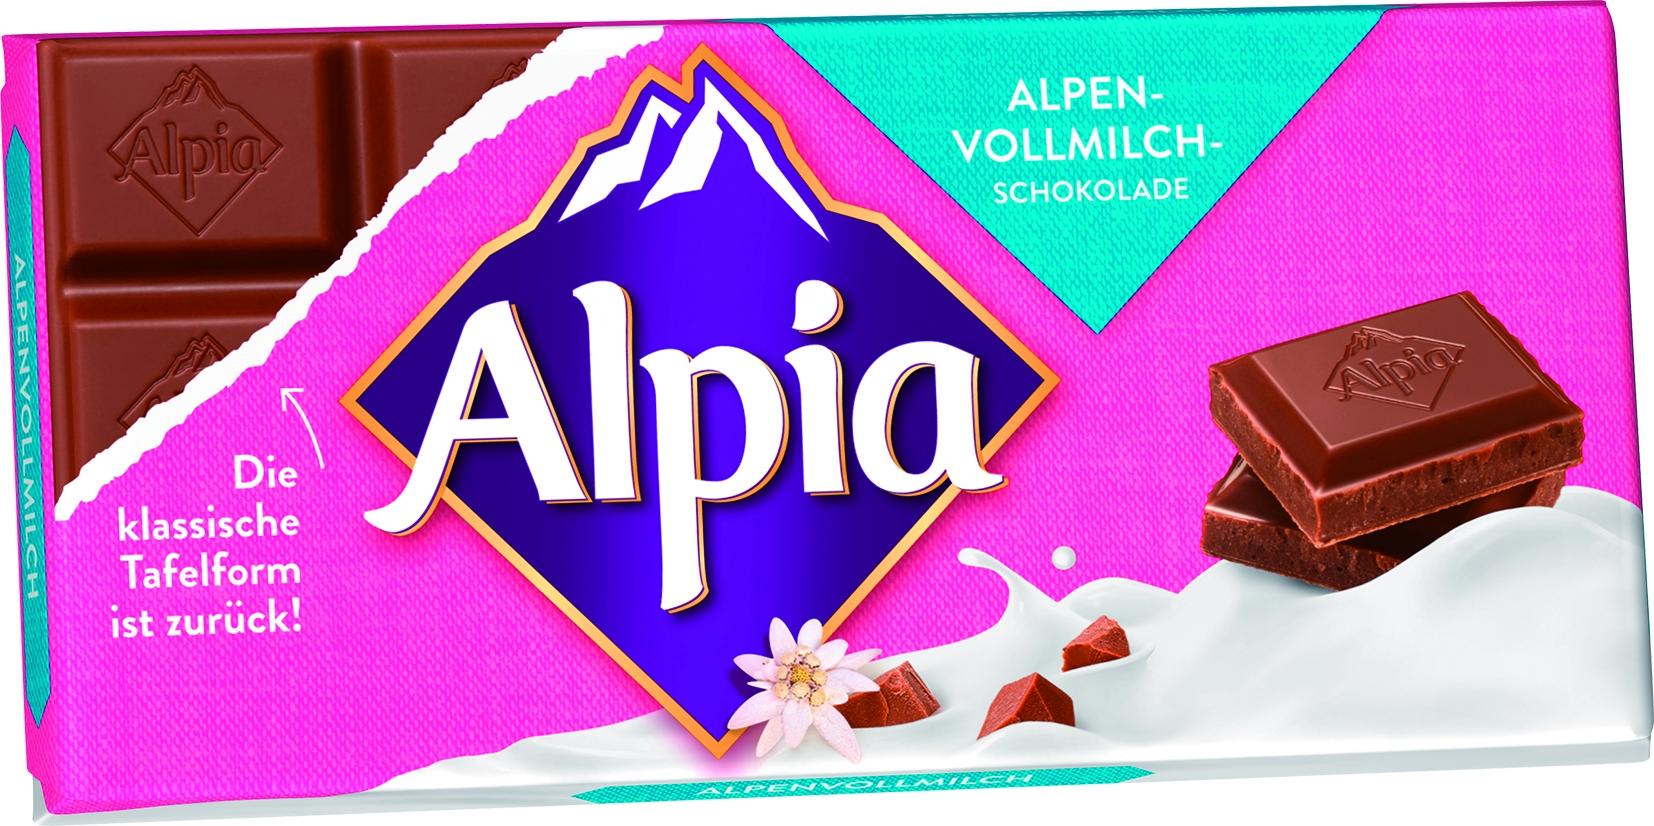 Schokolade Vollmilch